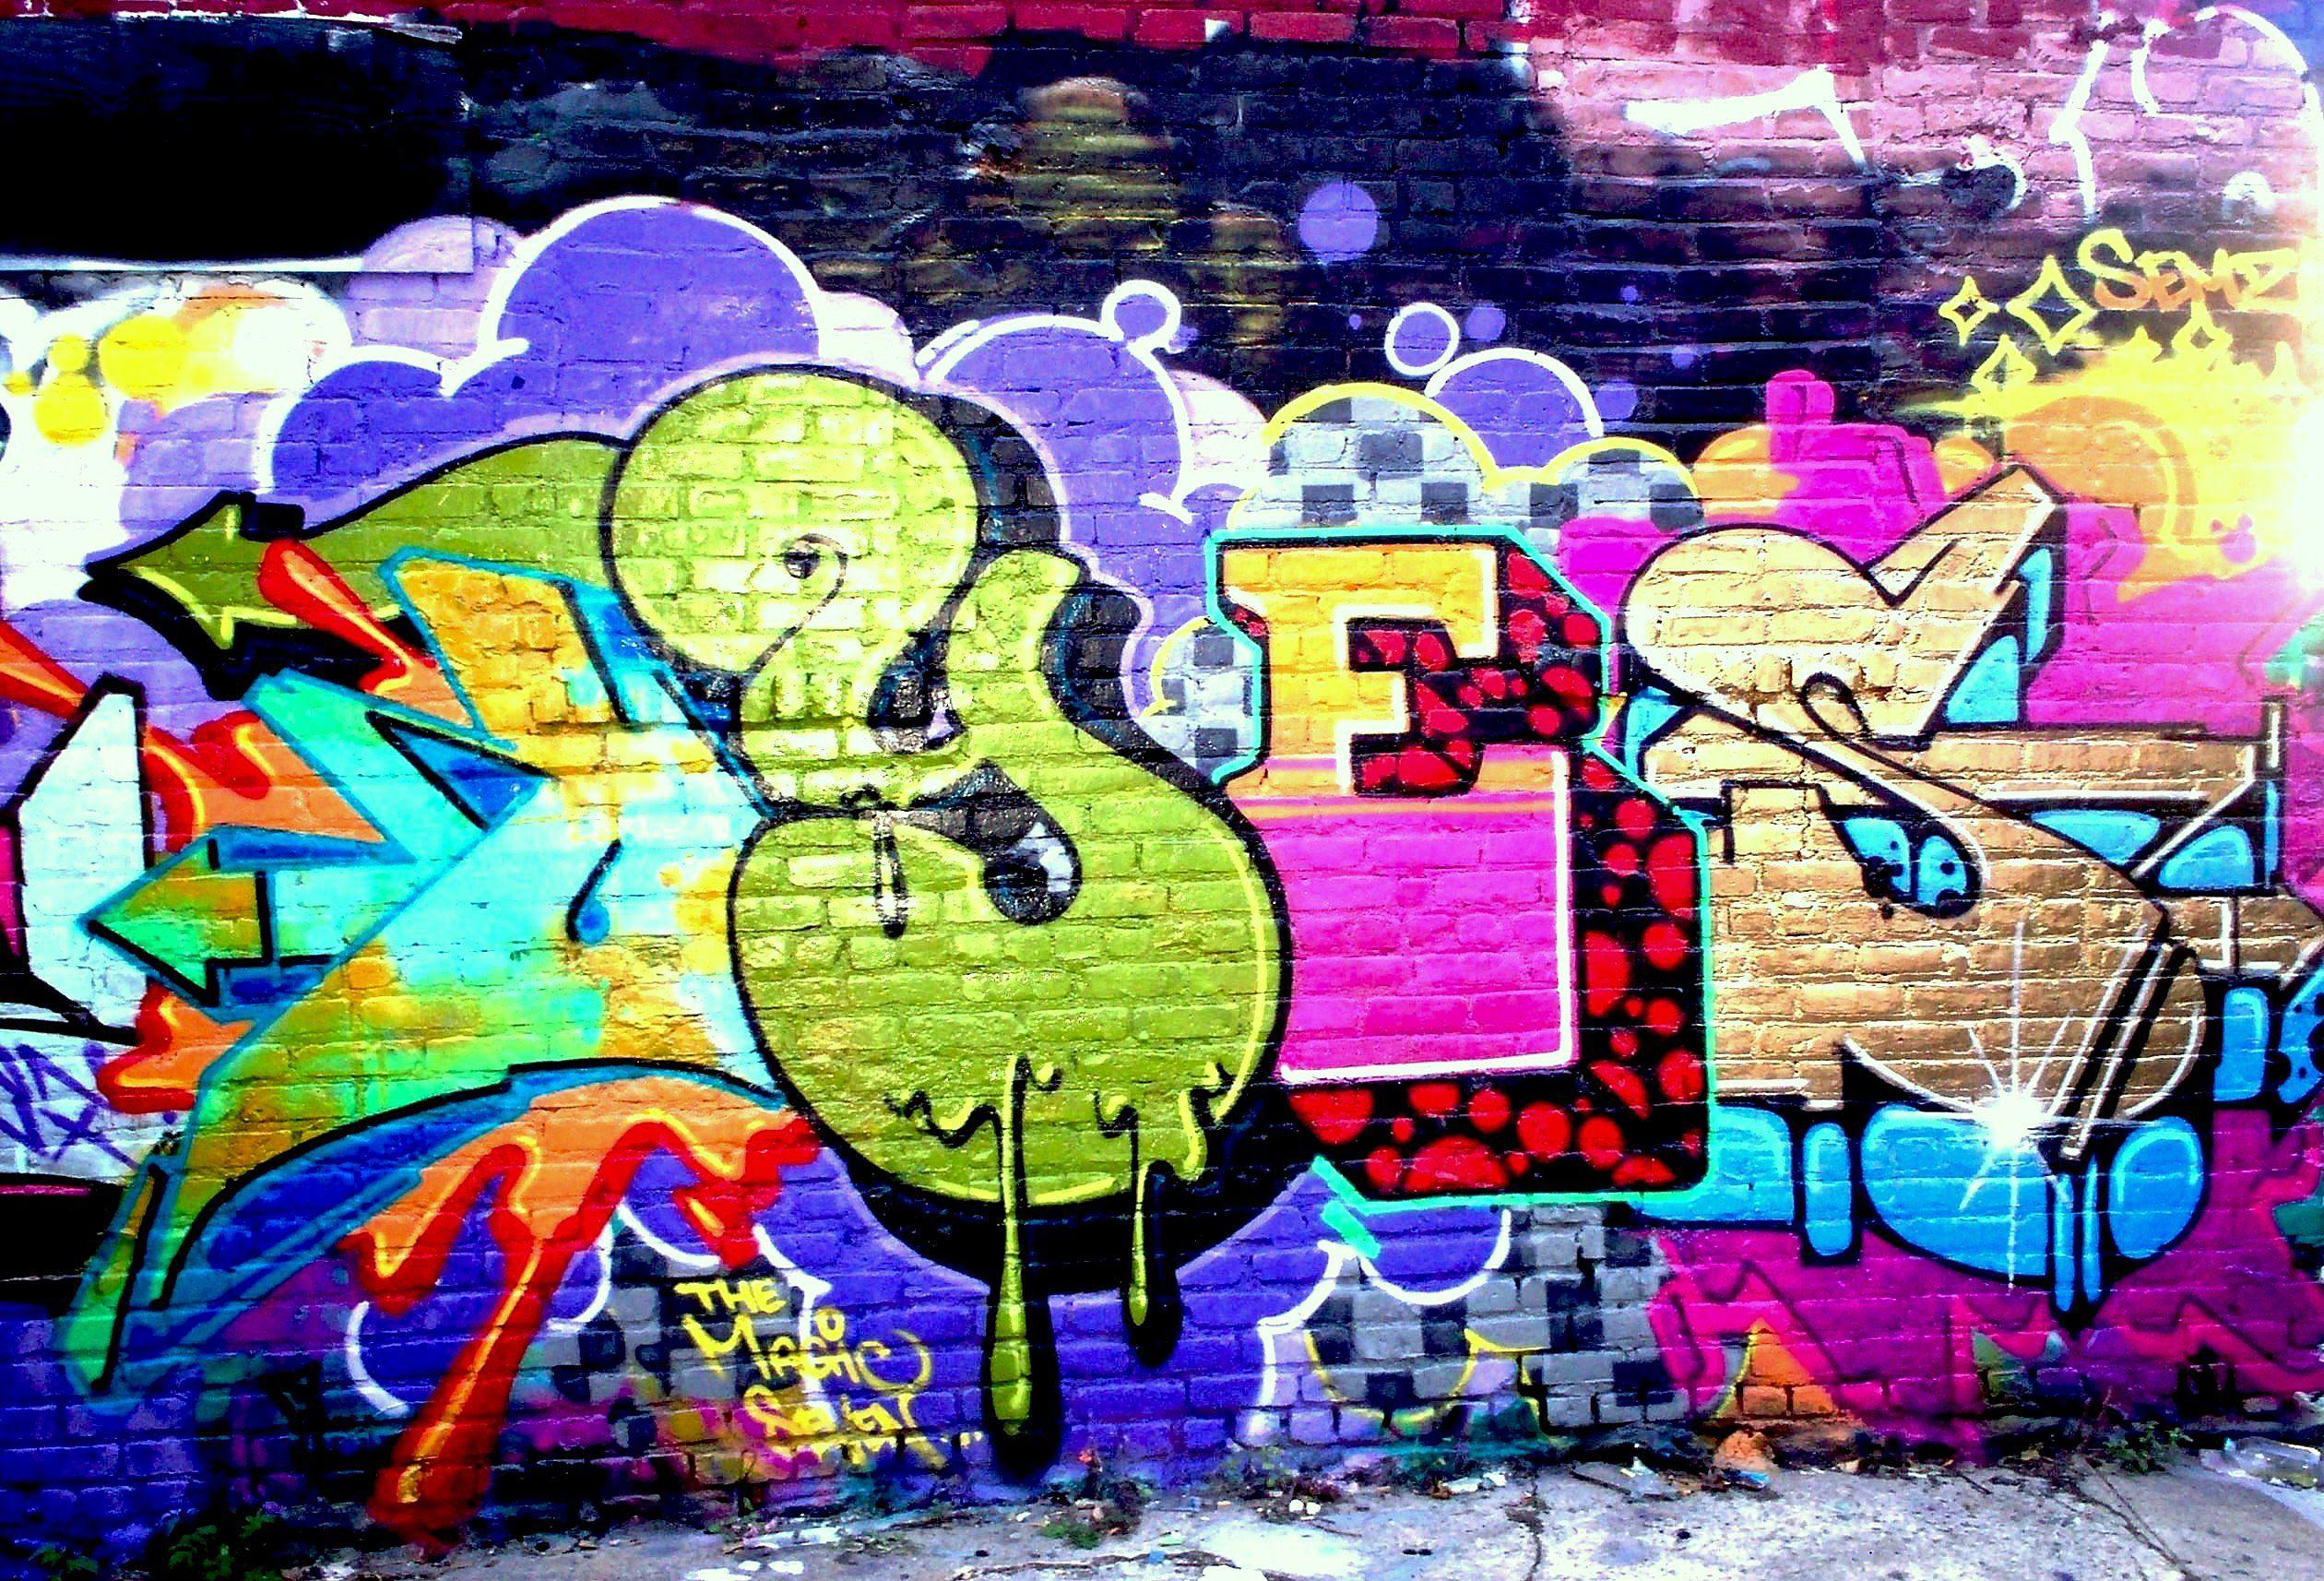 Graffiti art wallpaper - Artistic Graffiti Wallpaper Background 2520 X 1714 Id 56492 Wallpaper Abyss